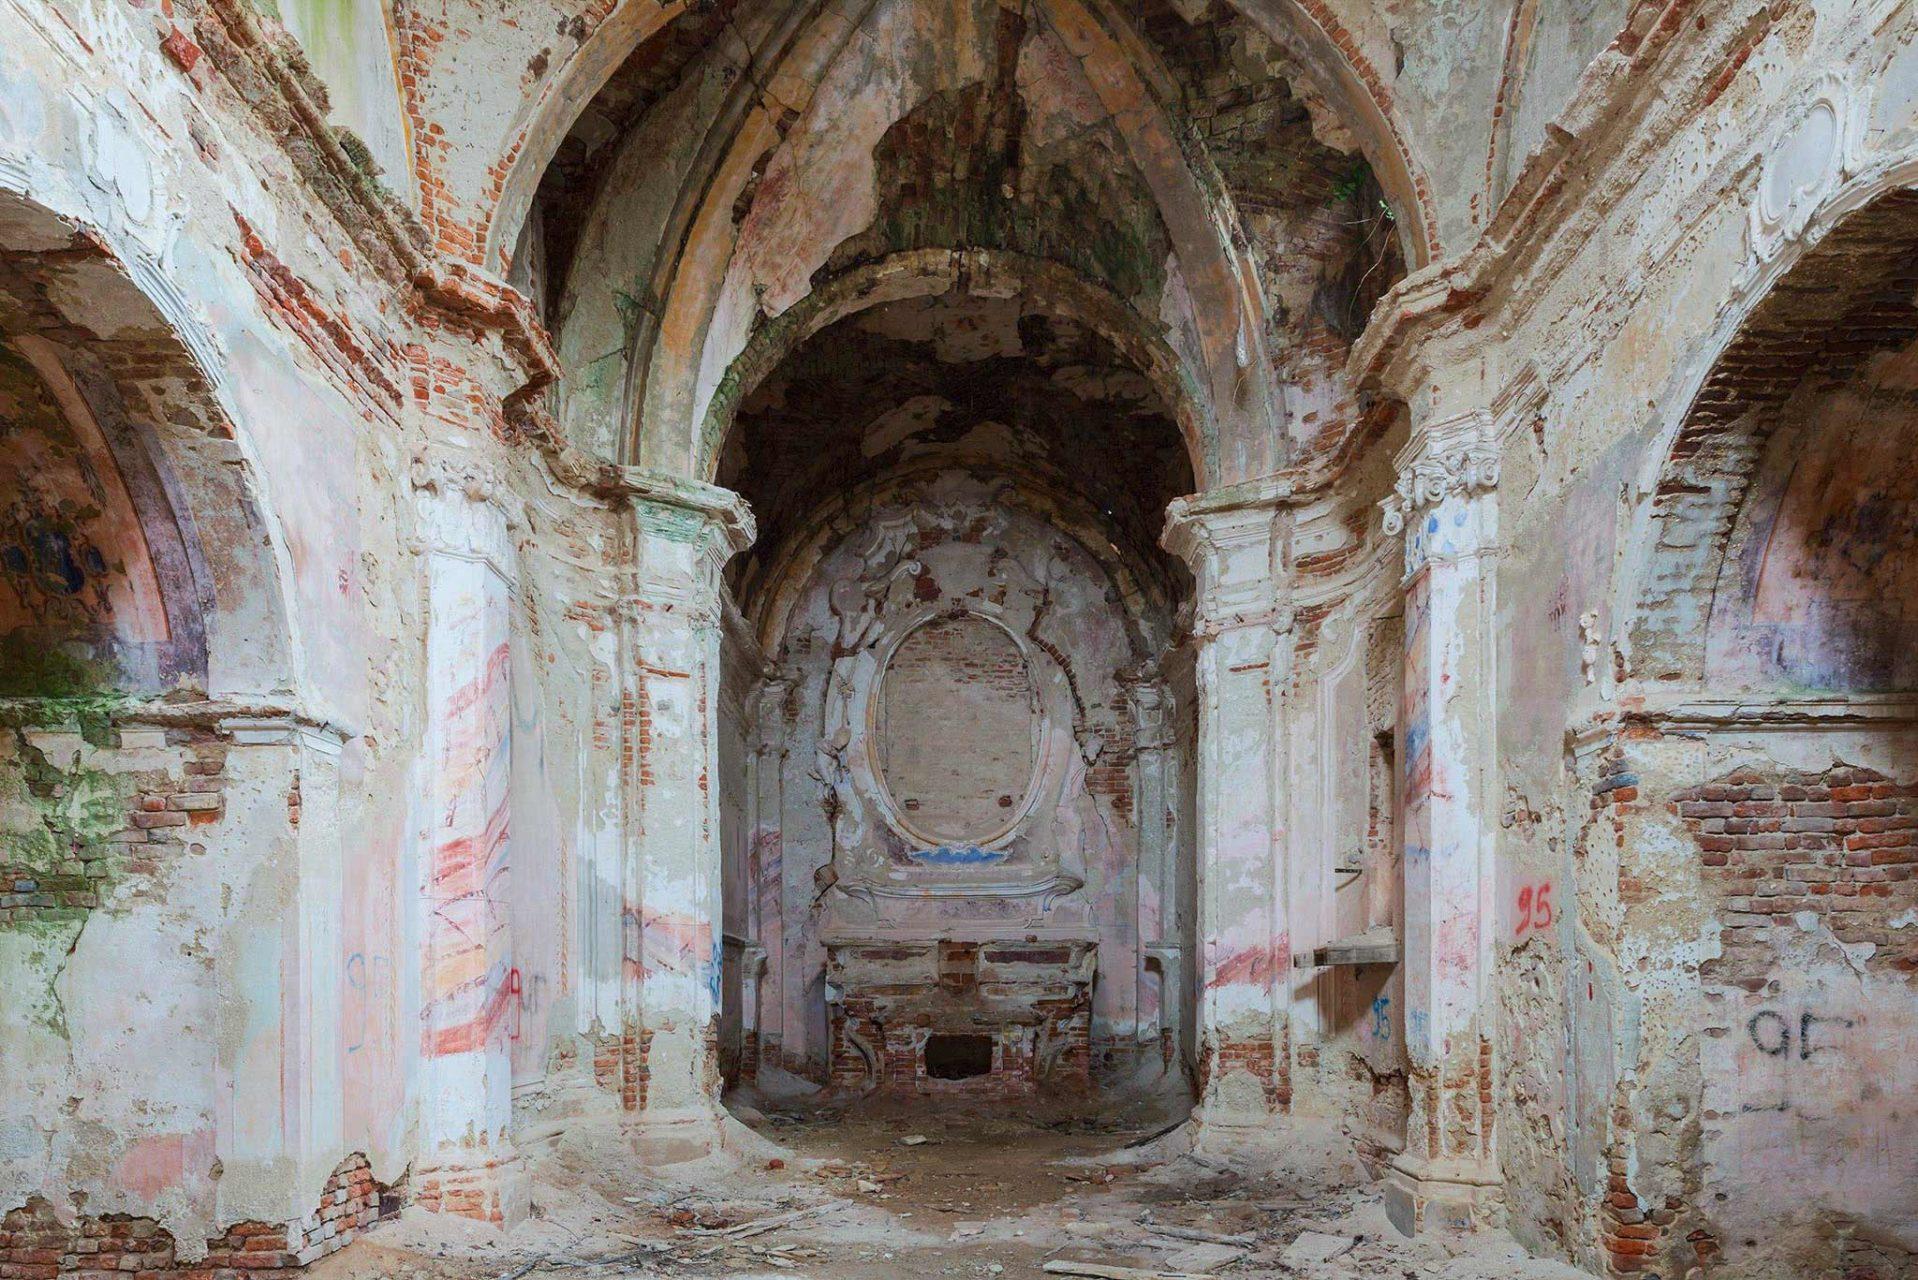 Church 95